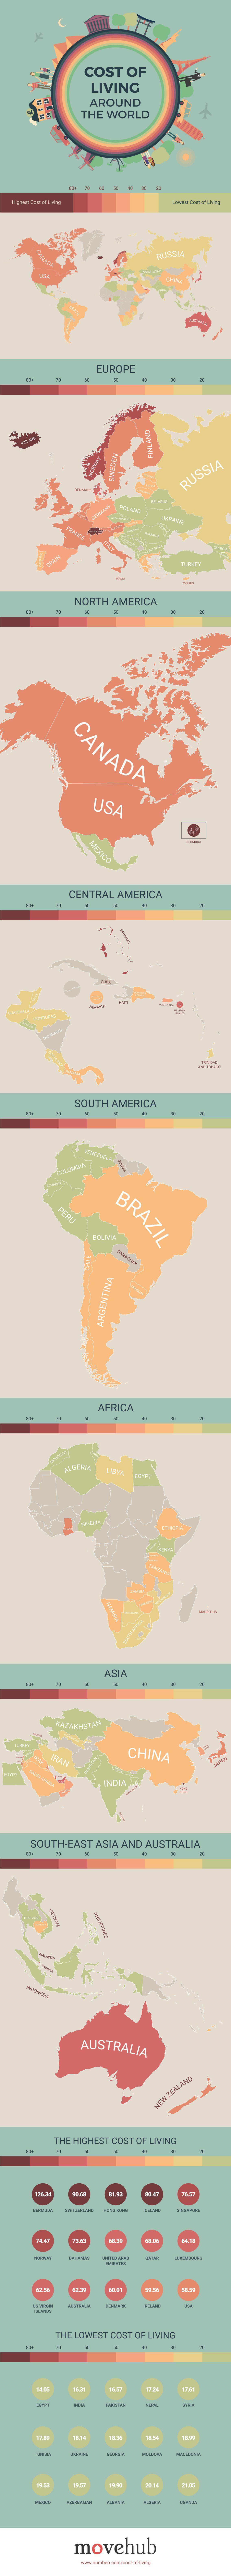 Cette carte montre le coût de la vie à travers le monde